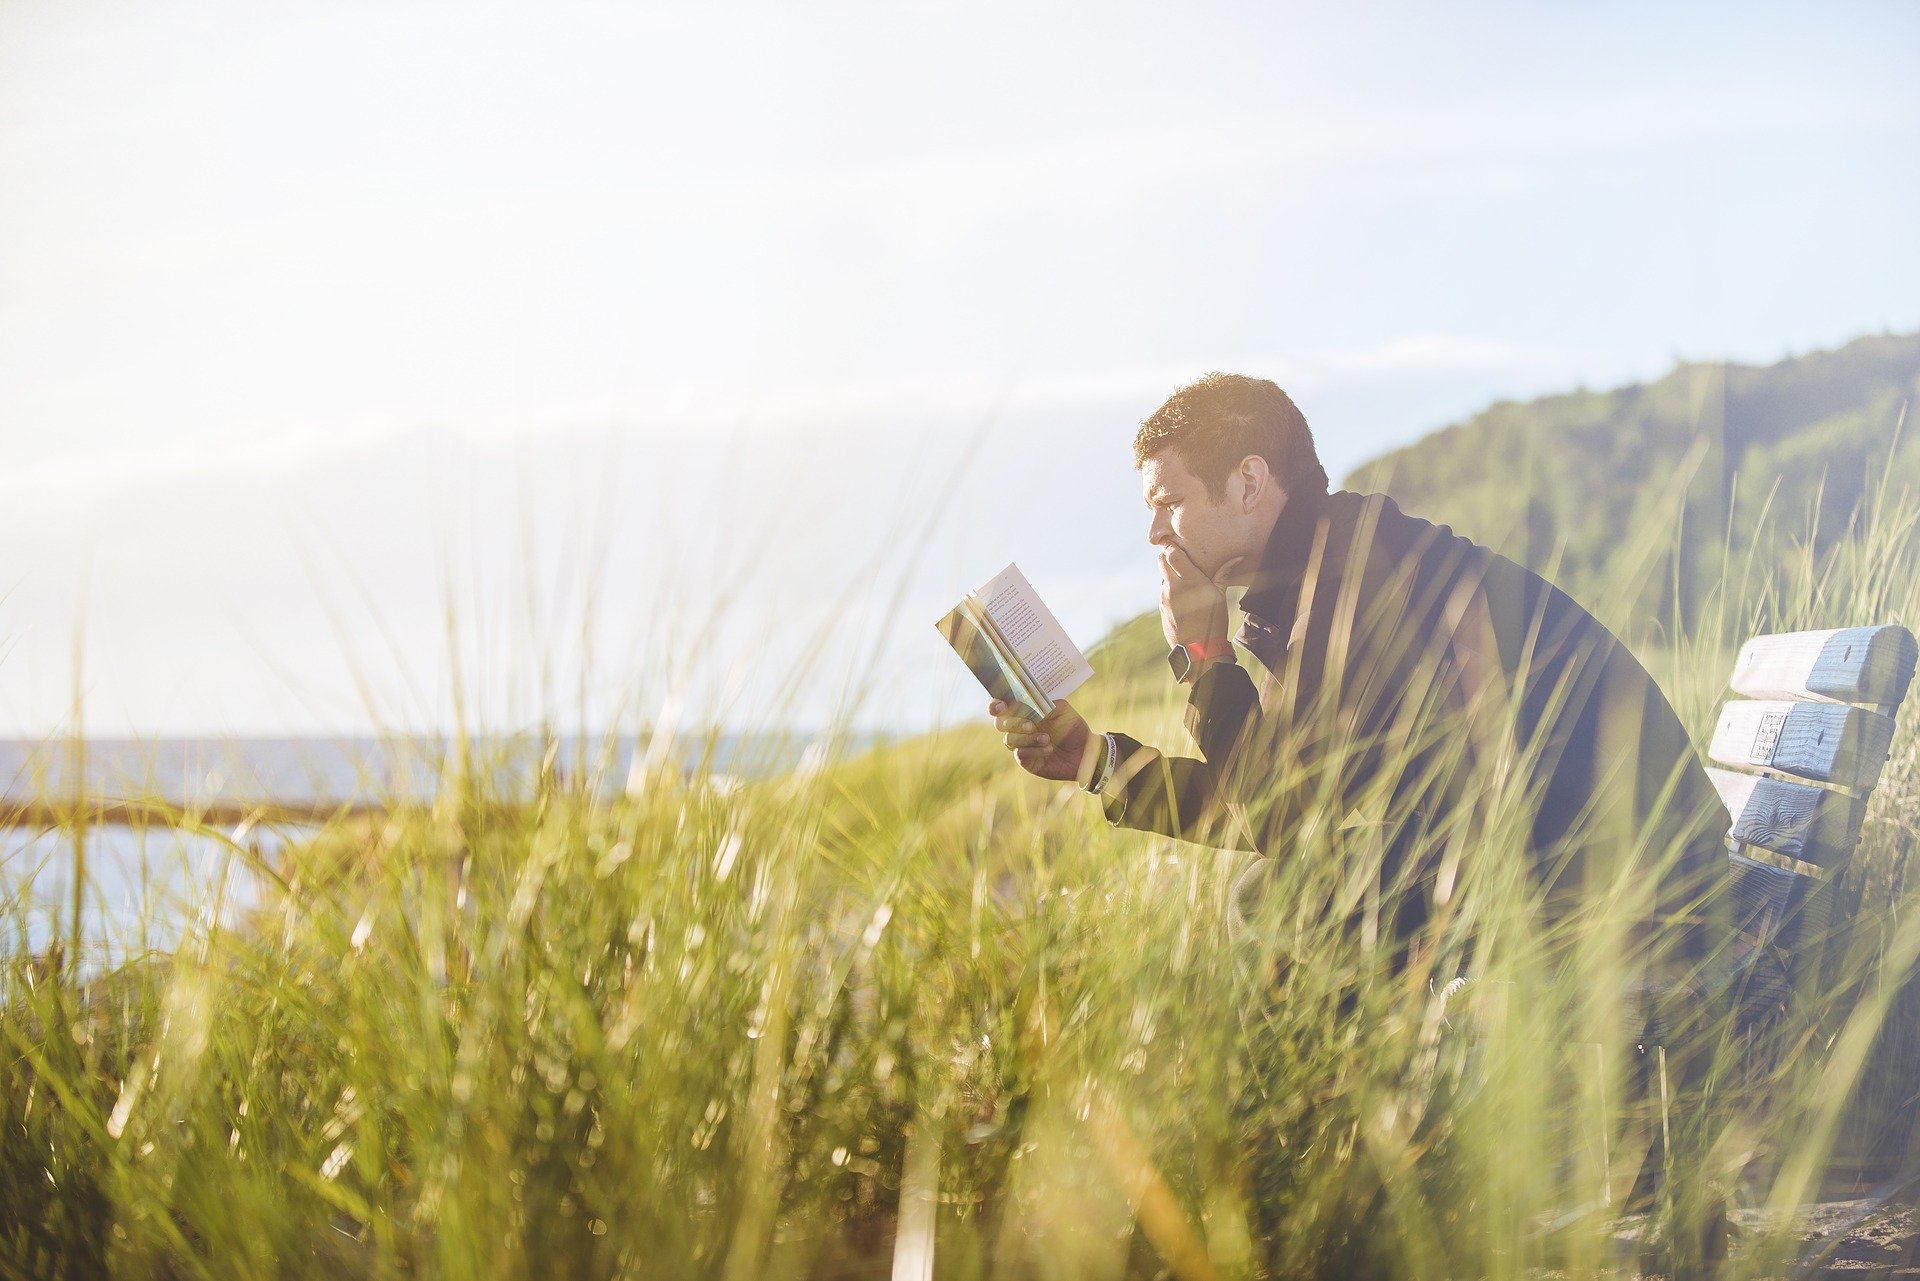 読書の効果を高める10つの方法[読書術5冊のおすすめ方法まとめ]